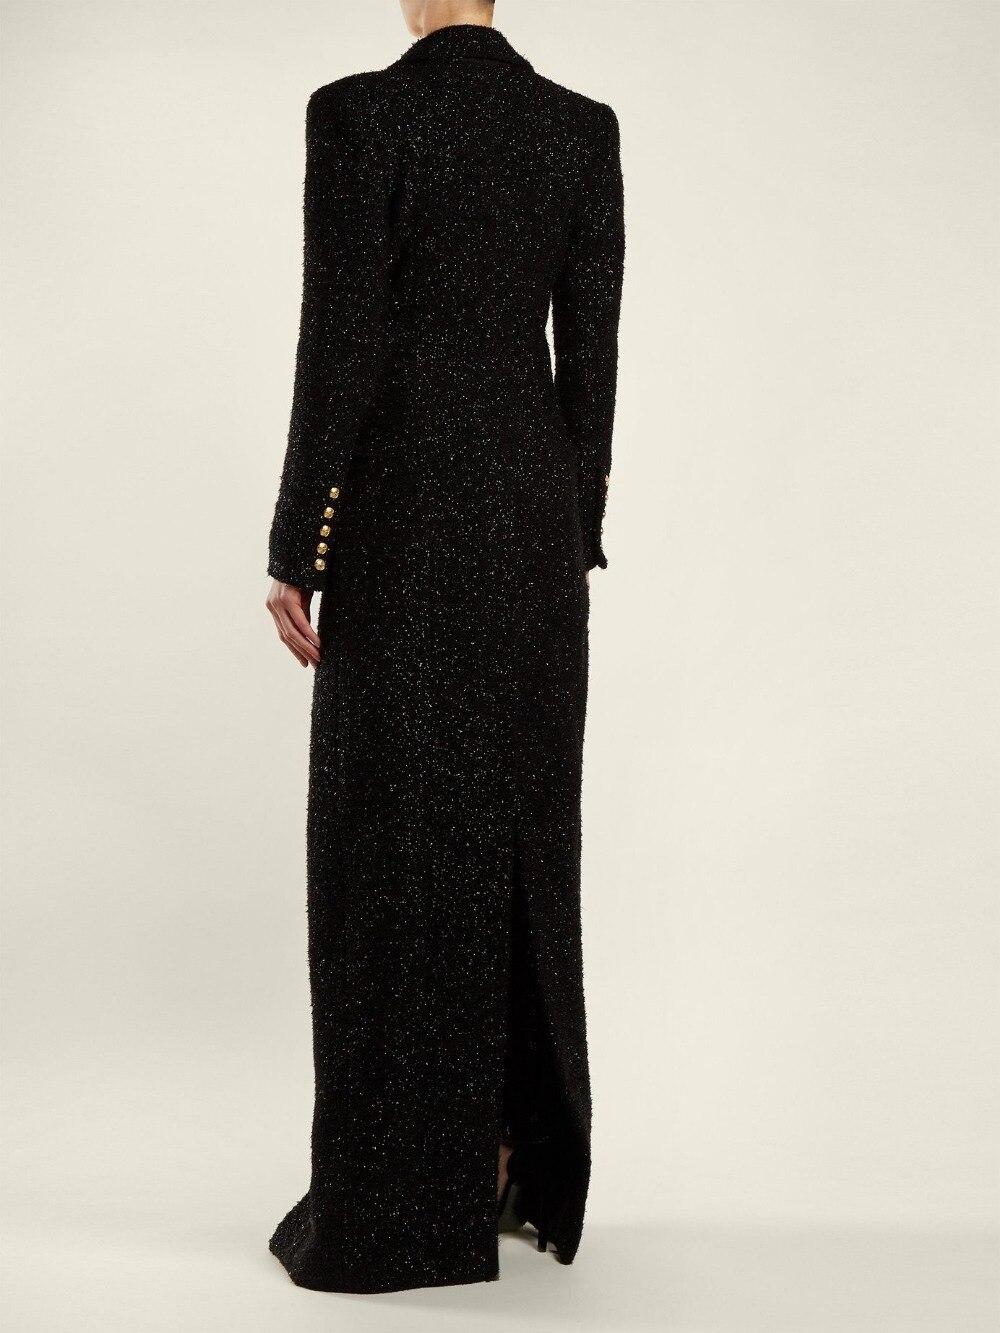 Noir Mode À Vestes Cou Manches Élégant Nouveau Femmes Veste Profonde Paillettes Manteau Outwear Long Sexy Longues Designer f1dnFznU